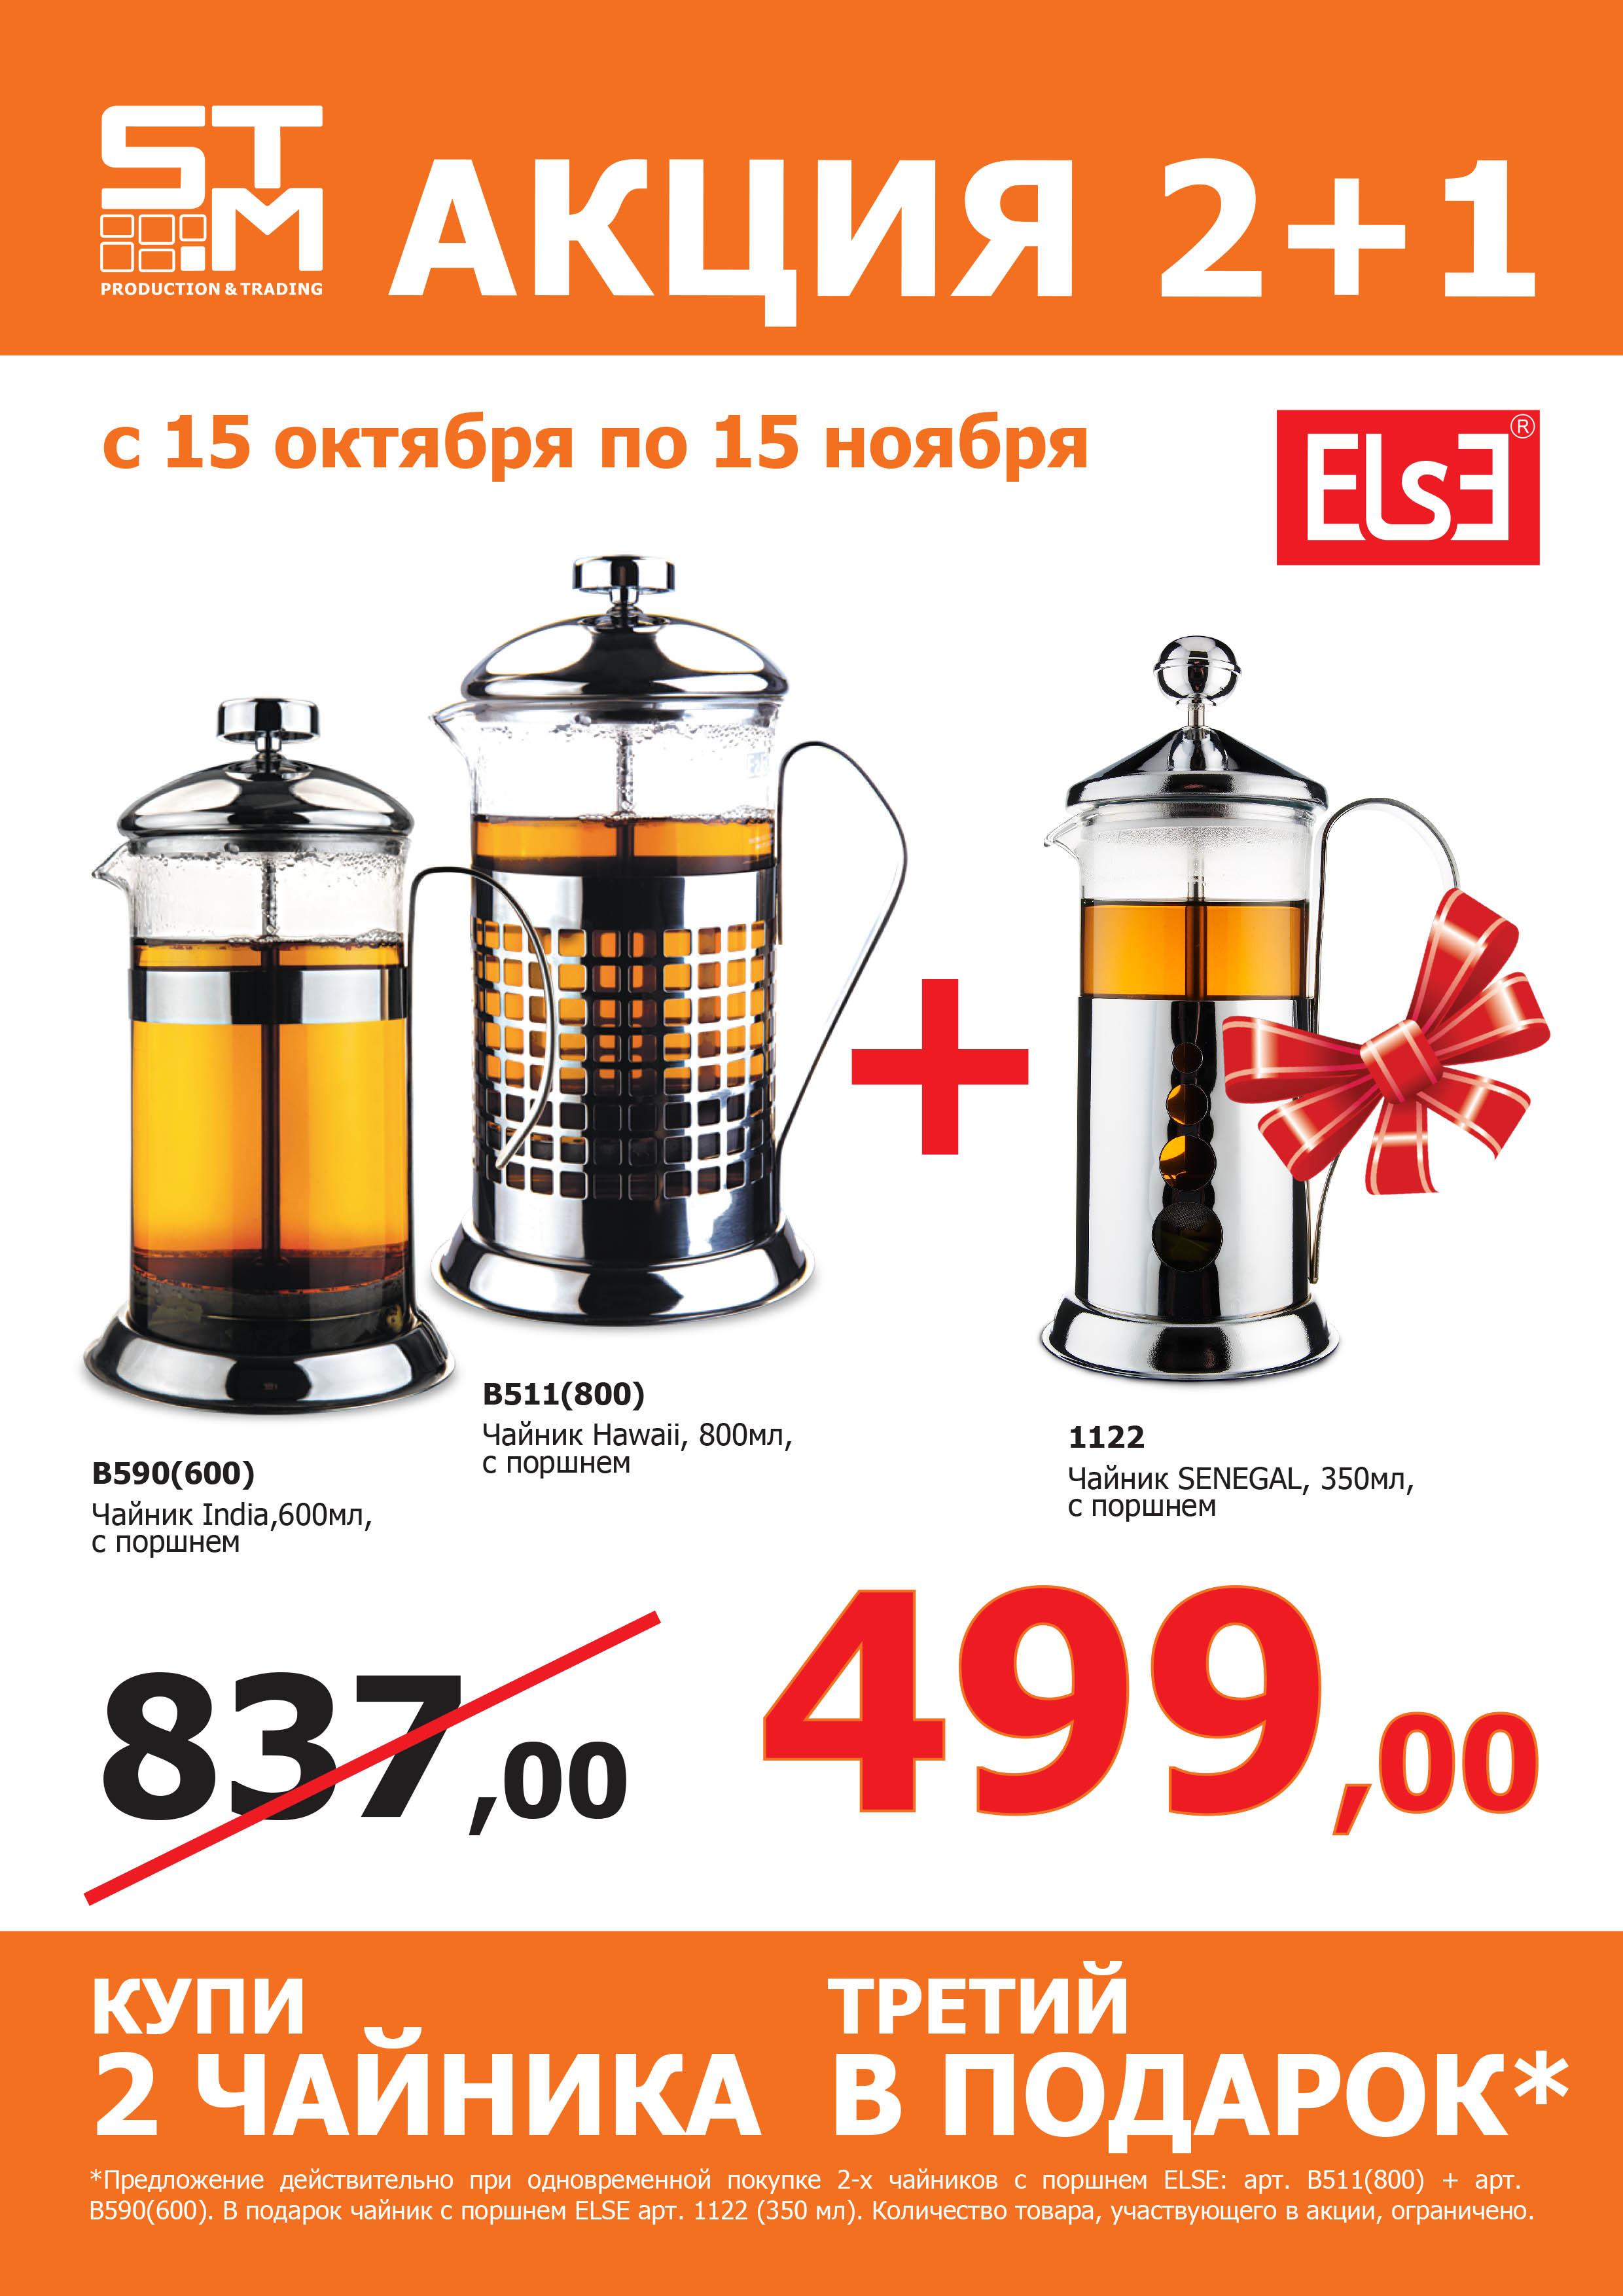 ������, ������� ����� �������� ��� ����� E*L*S*E. ����� ������ ���� � ����� ��������.  ��� �� ���� ����� �� ���������� ��� ������� � ������� �� 499 ���!   www.nn.ru/community/sp/stroi...e_499_rub-3.html